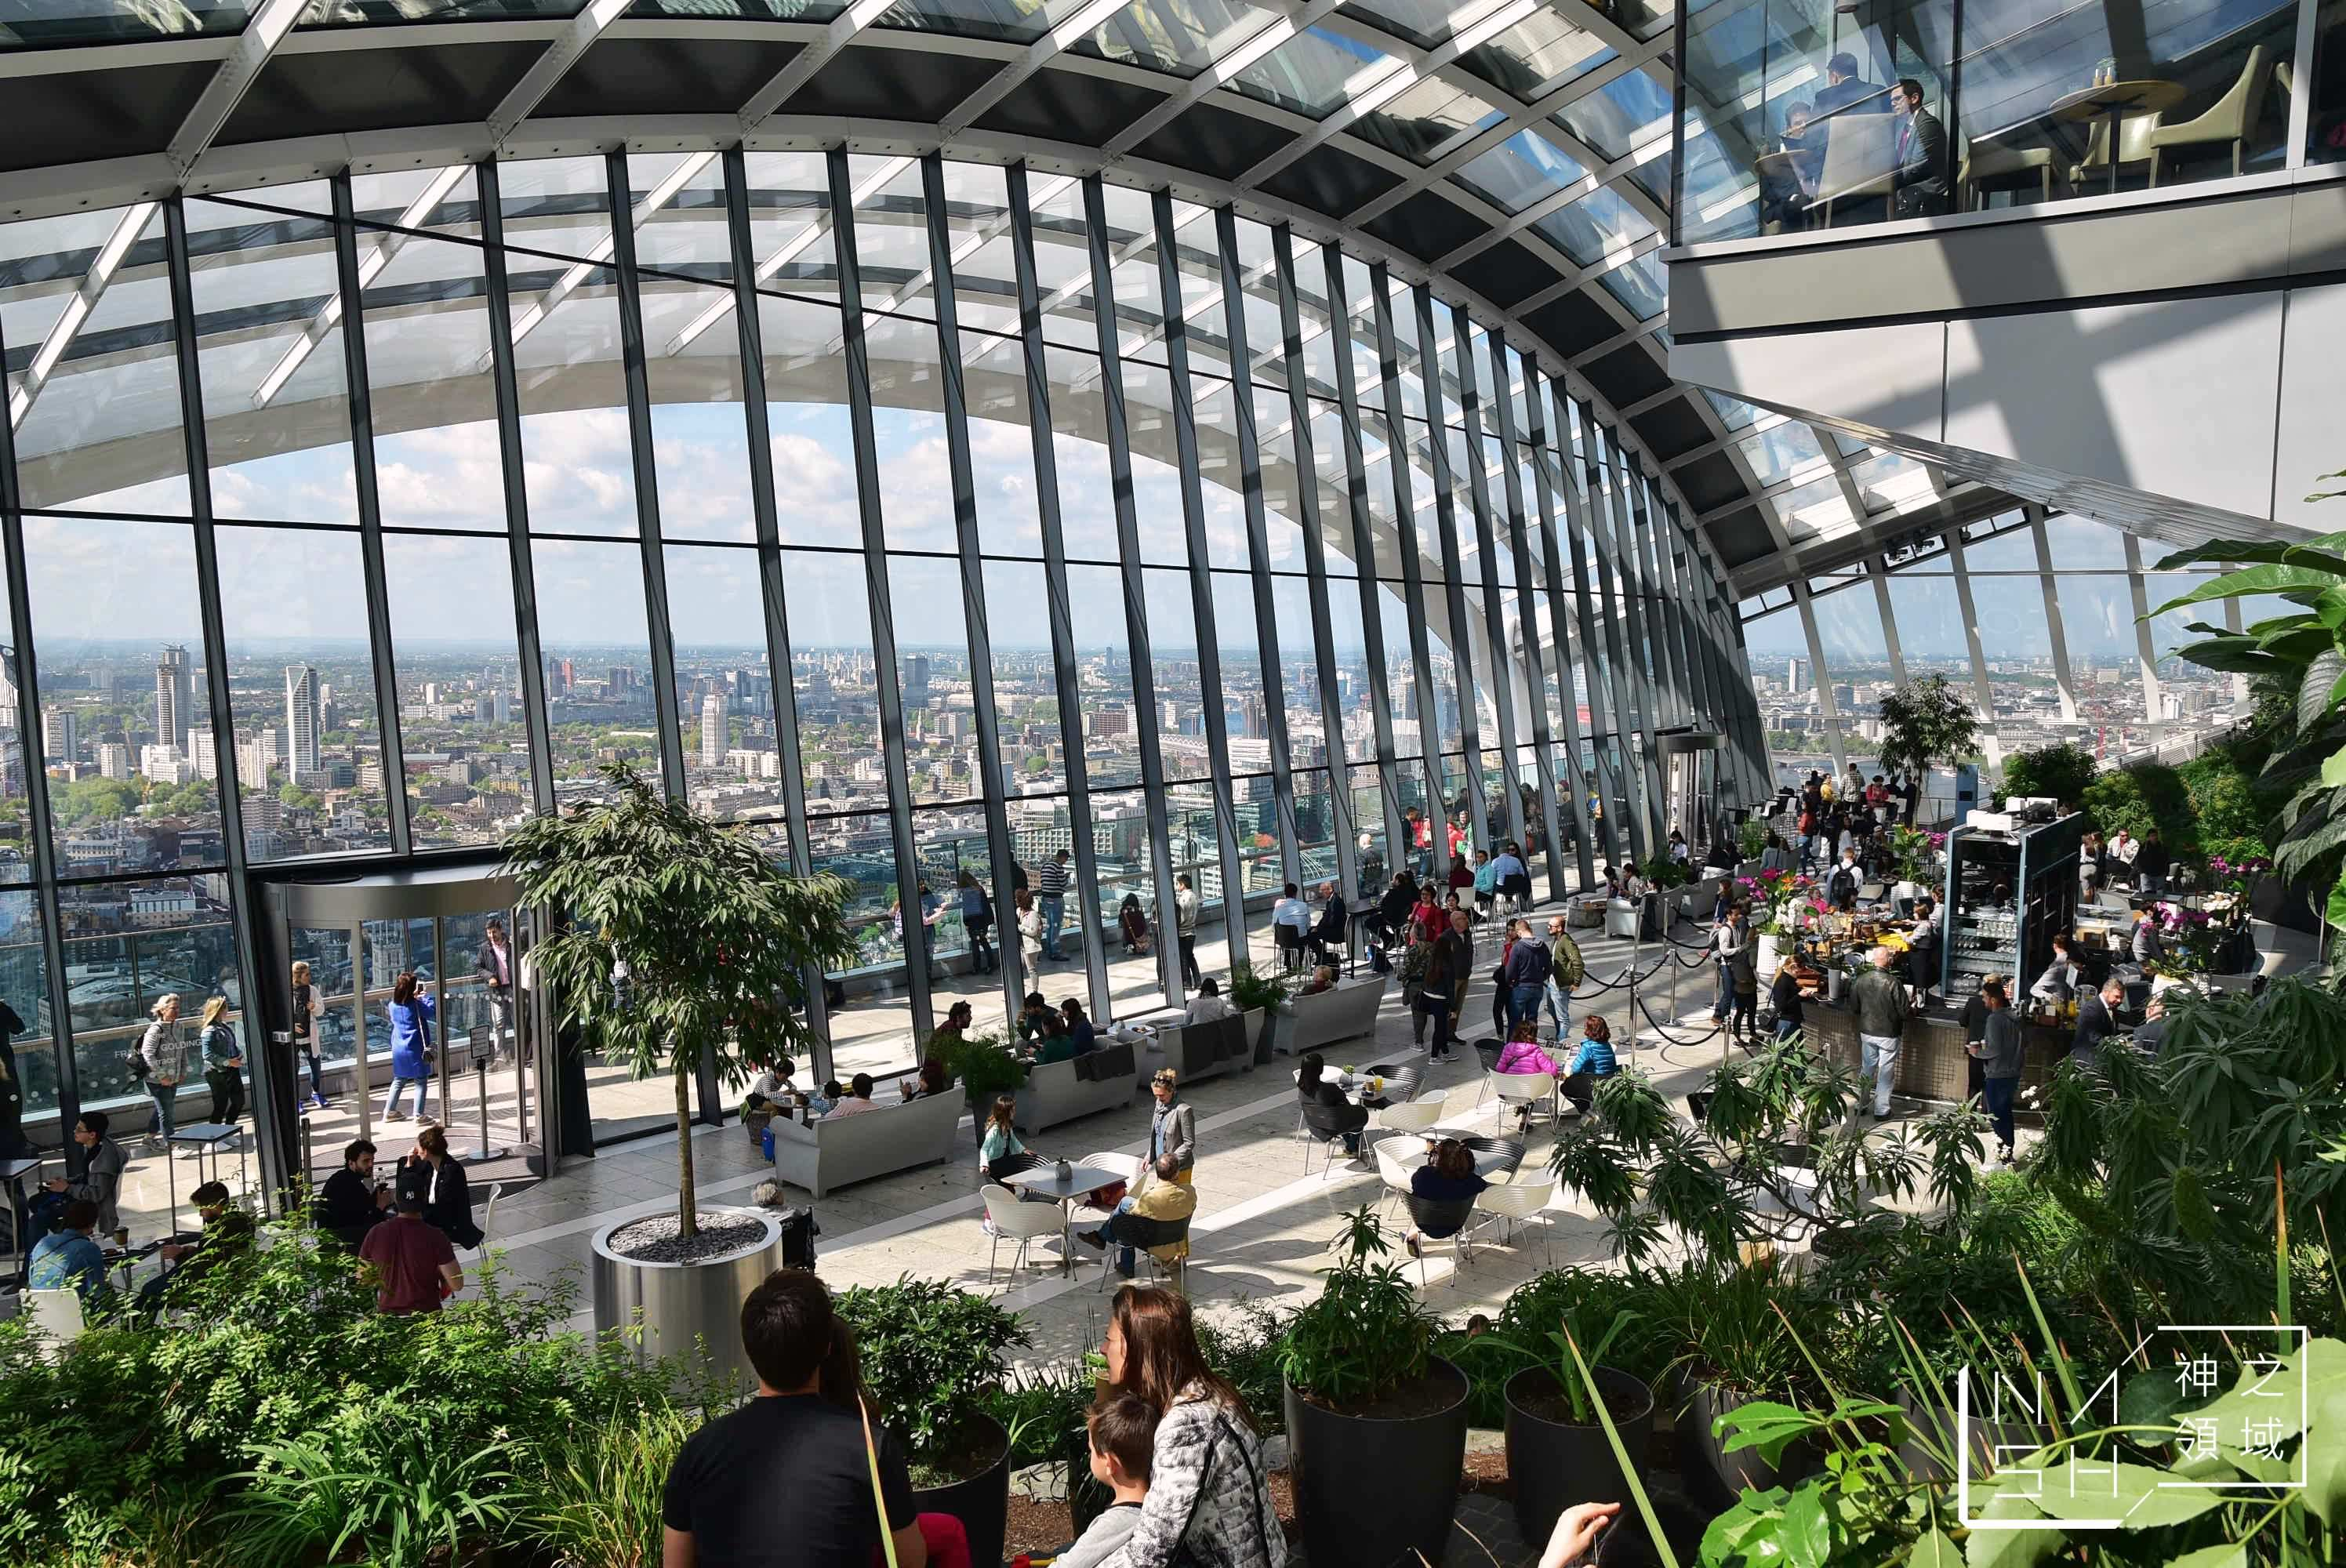 london sky garden,SKY GARDEN,倫敦空中庭園觀景台,倫敦觀景台 @Nash,神之領域